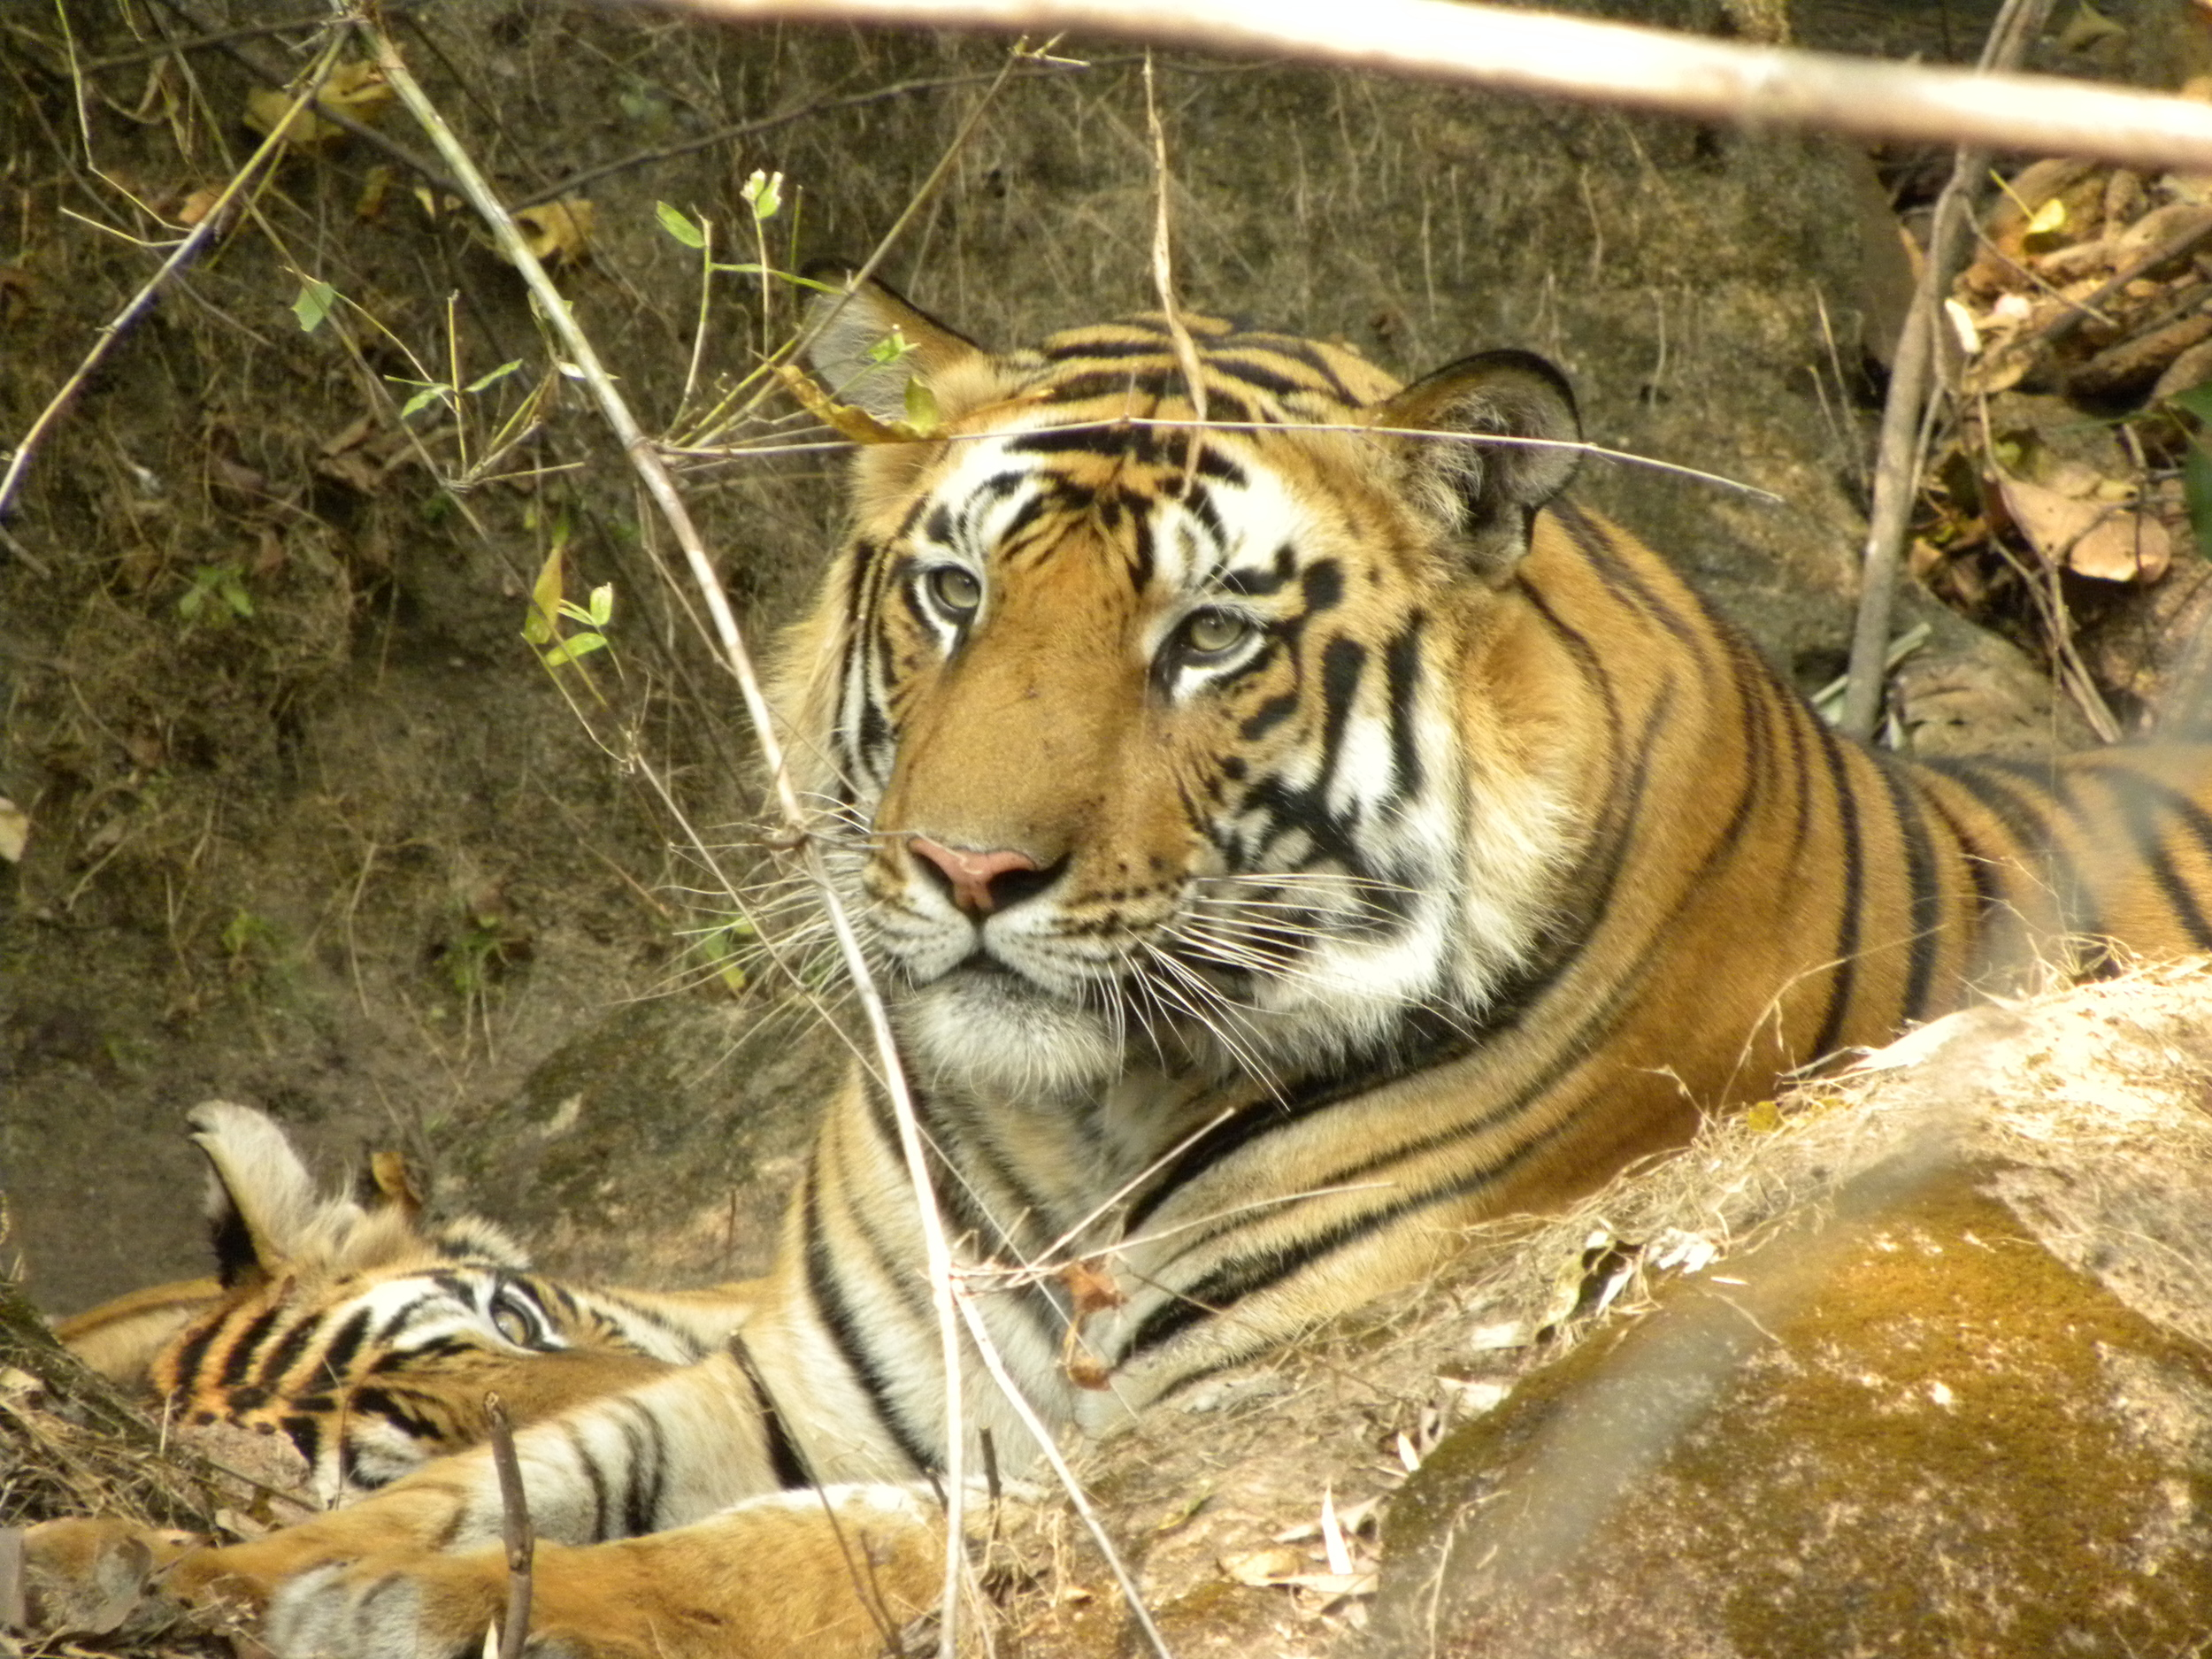 Tigers in trouble (photo by Priya Davidar).